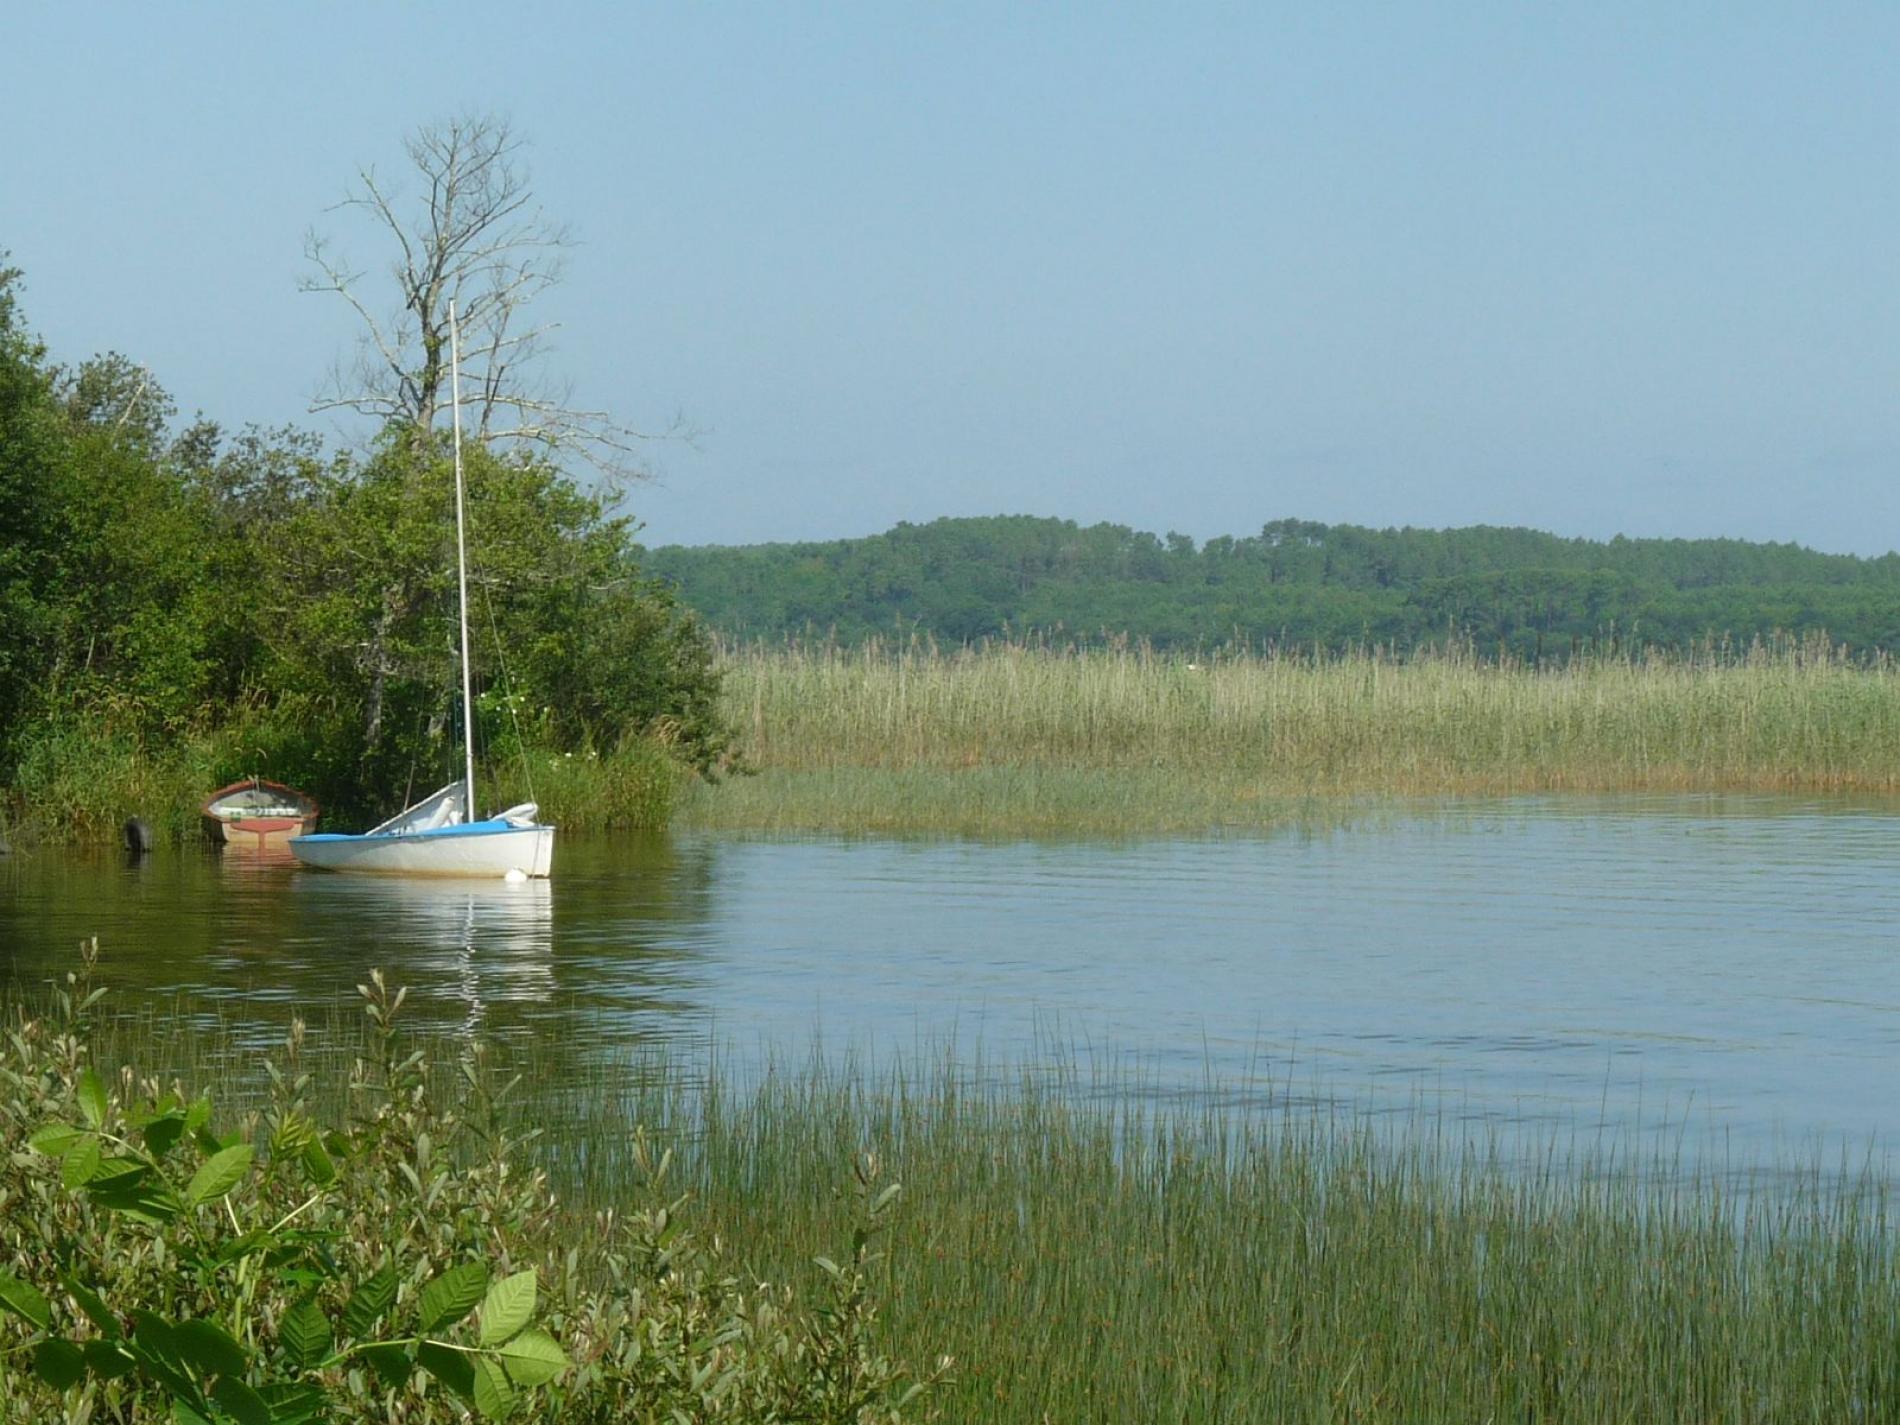 La nature omniprésente : La forêt et le Lac d'Aureilhan